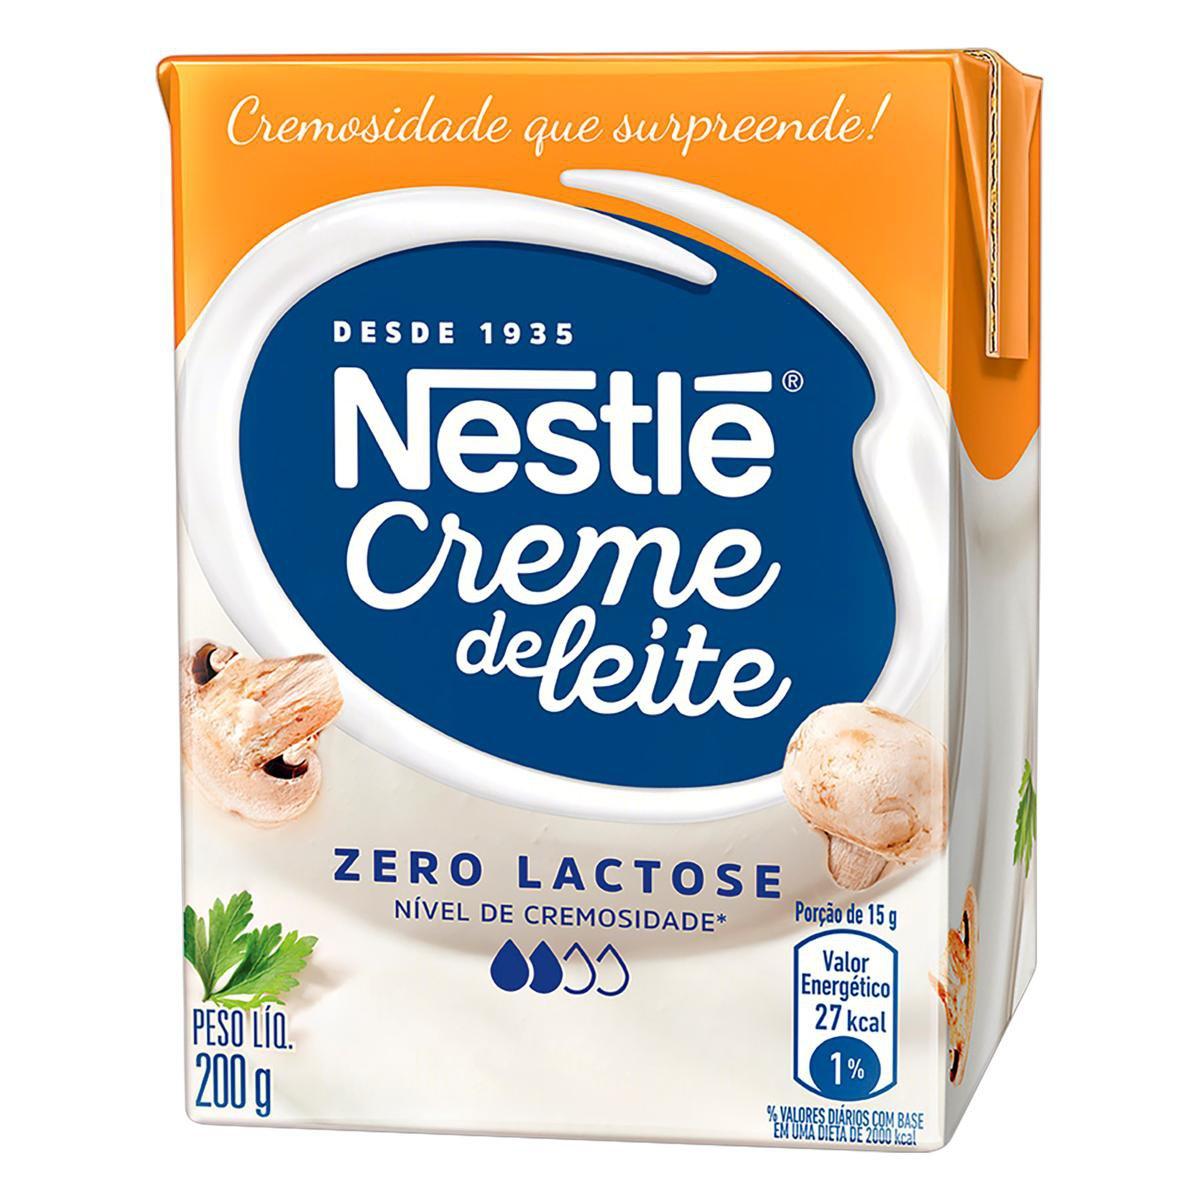 creme-de-leite-nestle-zero-lactose-200-g-1.jpg